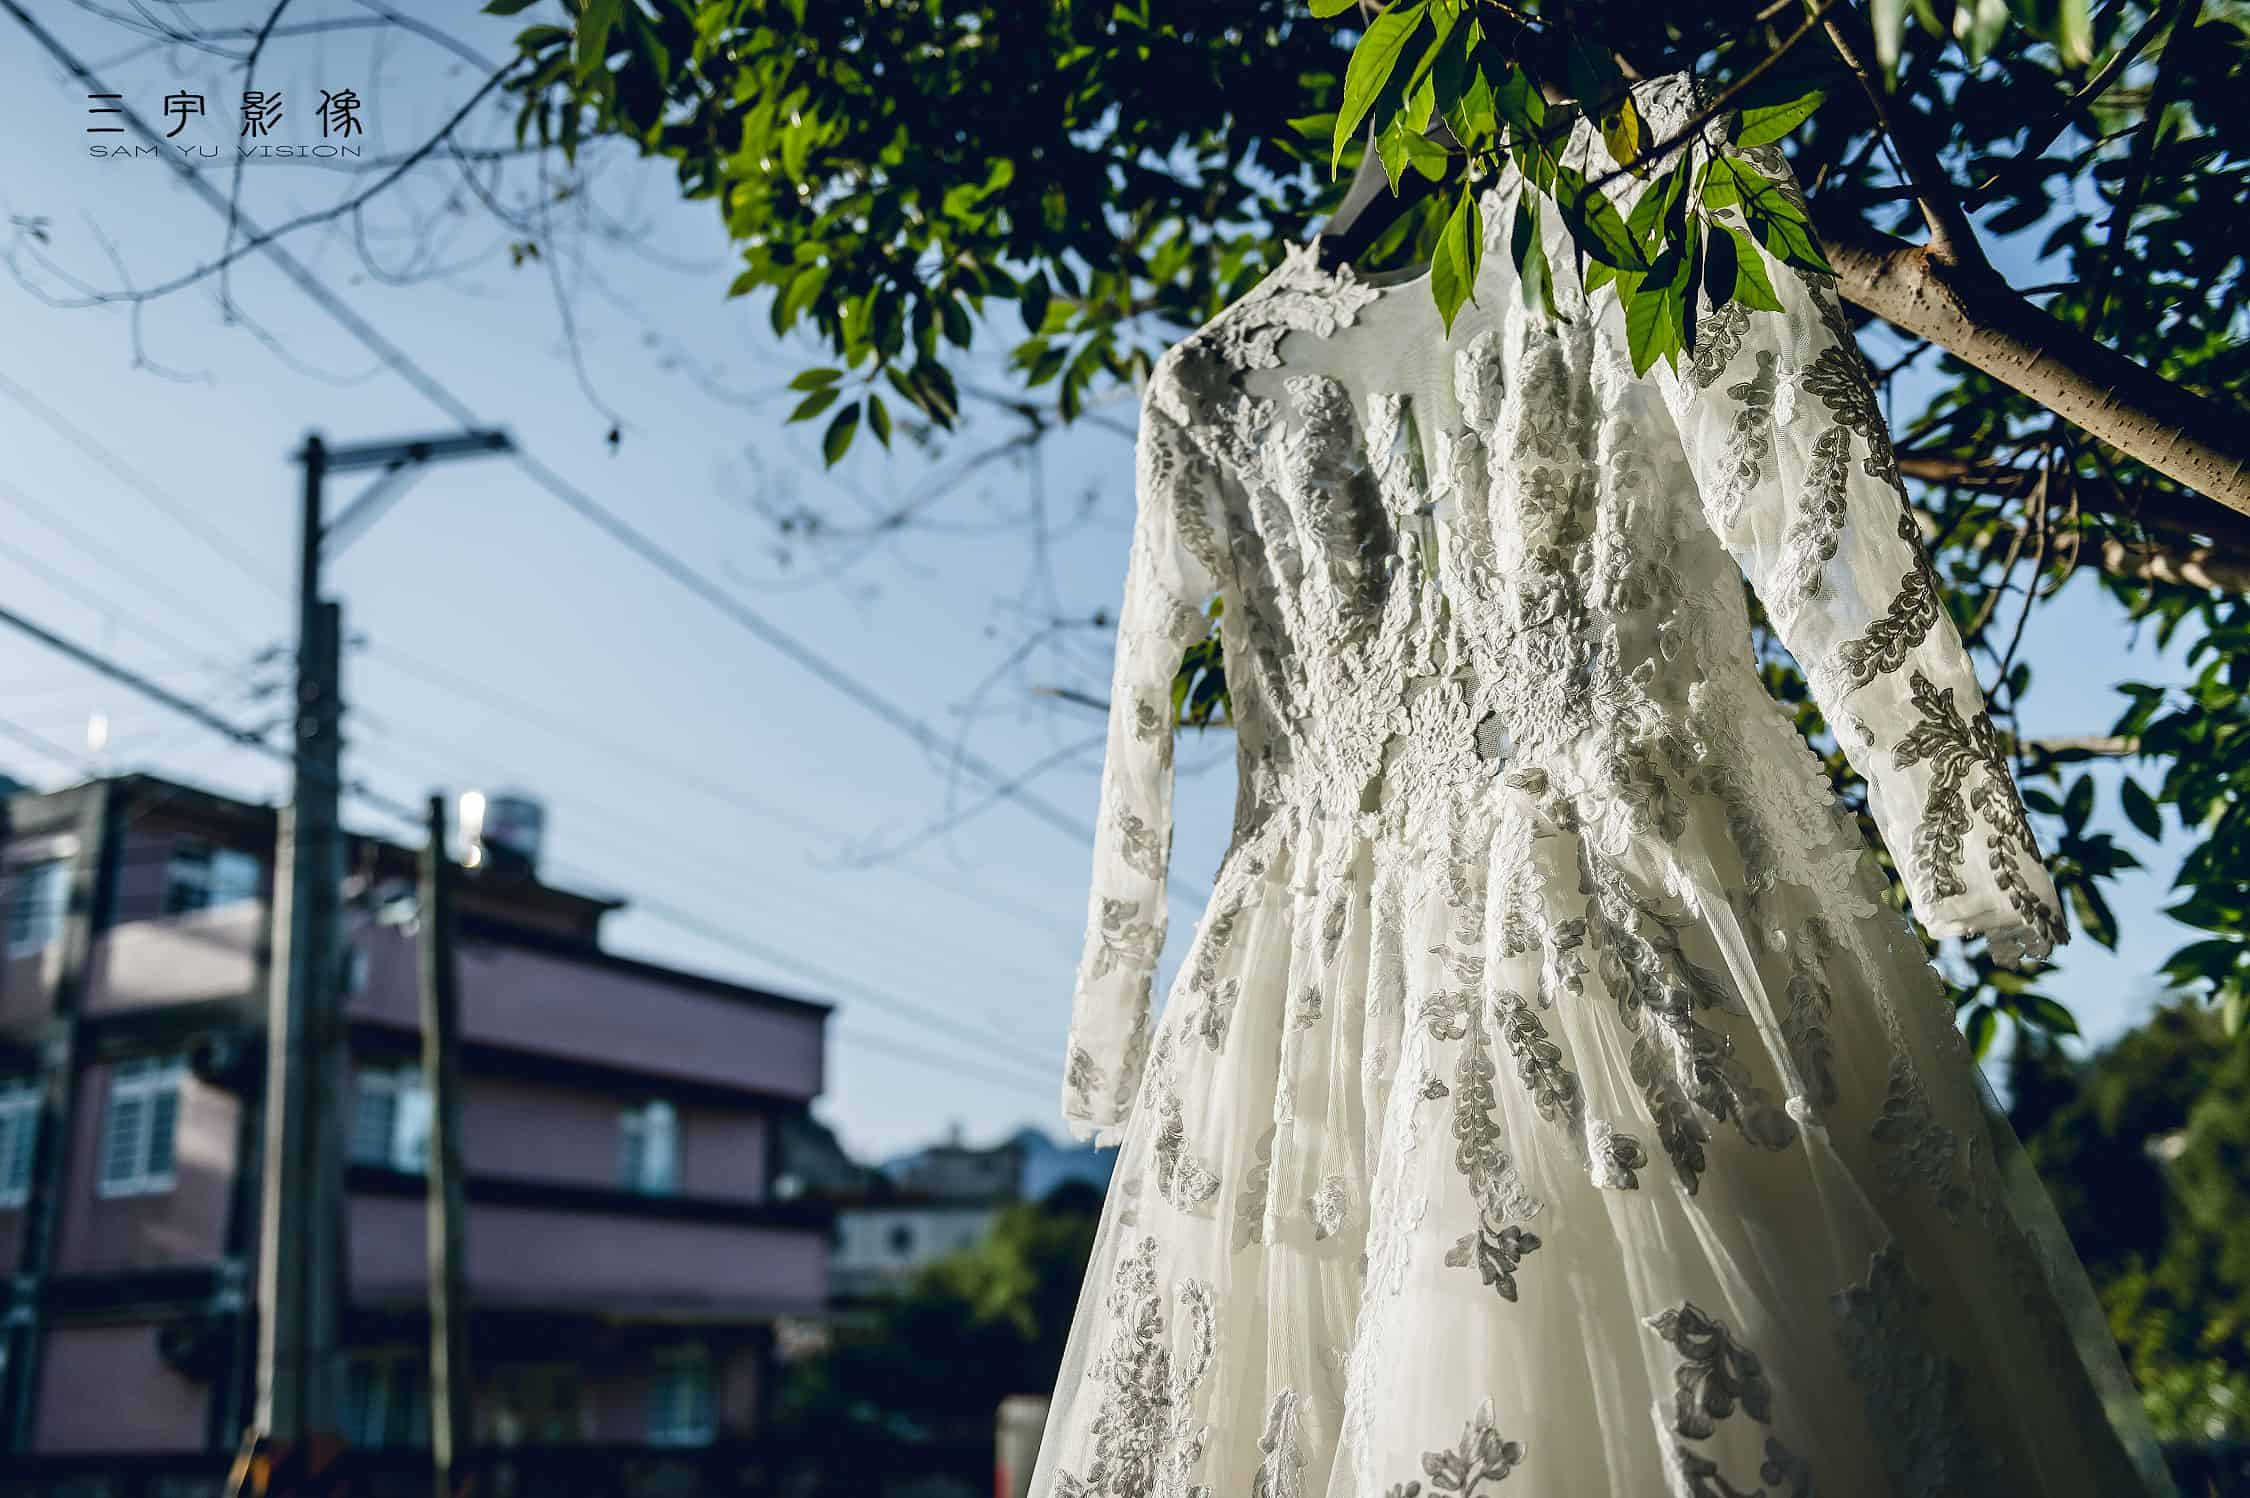 三宇影像,zITa幸福妝苑,新竹婚攝,婚禮紀錄,婚禮紀實,新秘,自宅,單儀式,闖關,婚禮儀式,